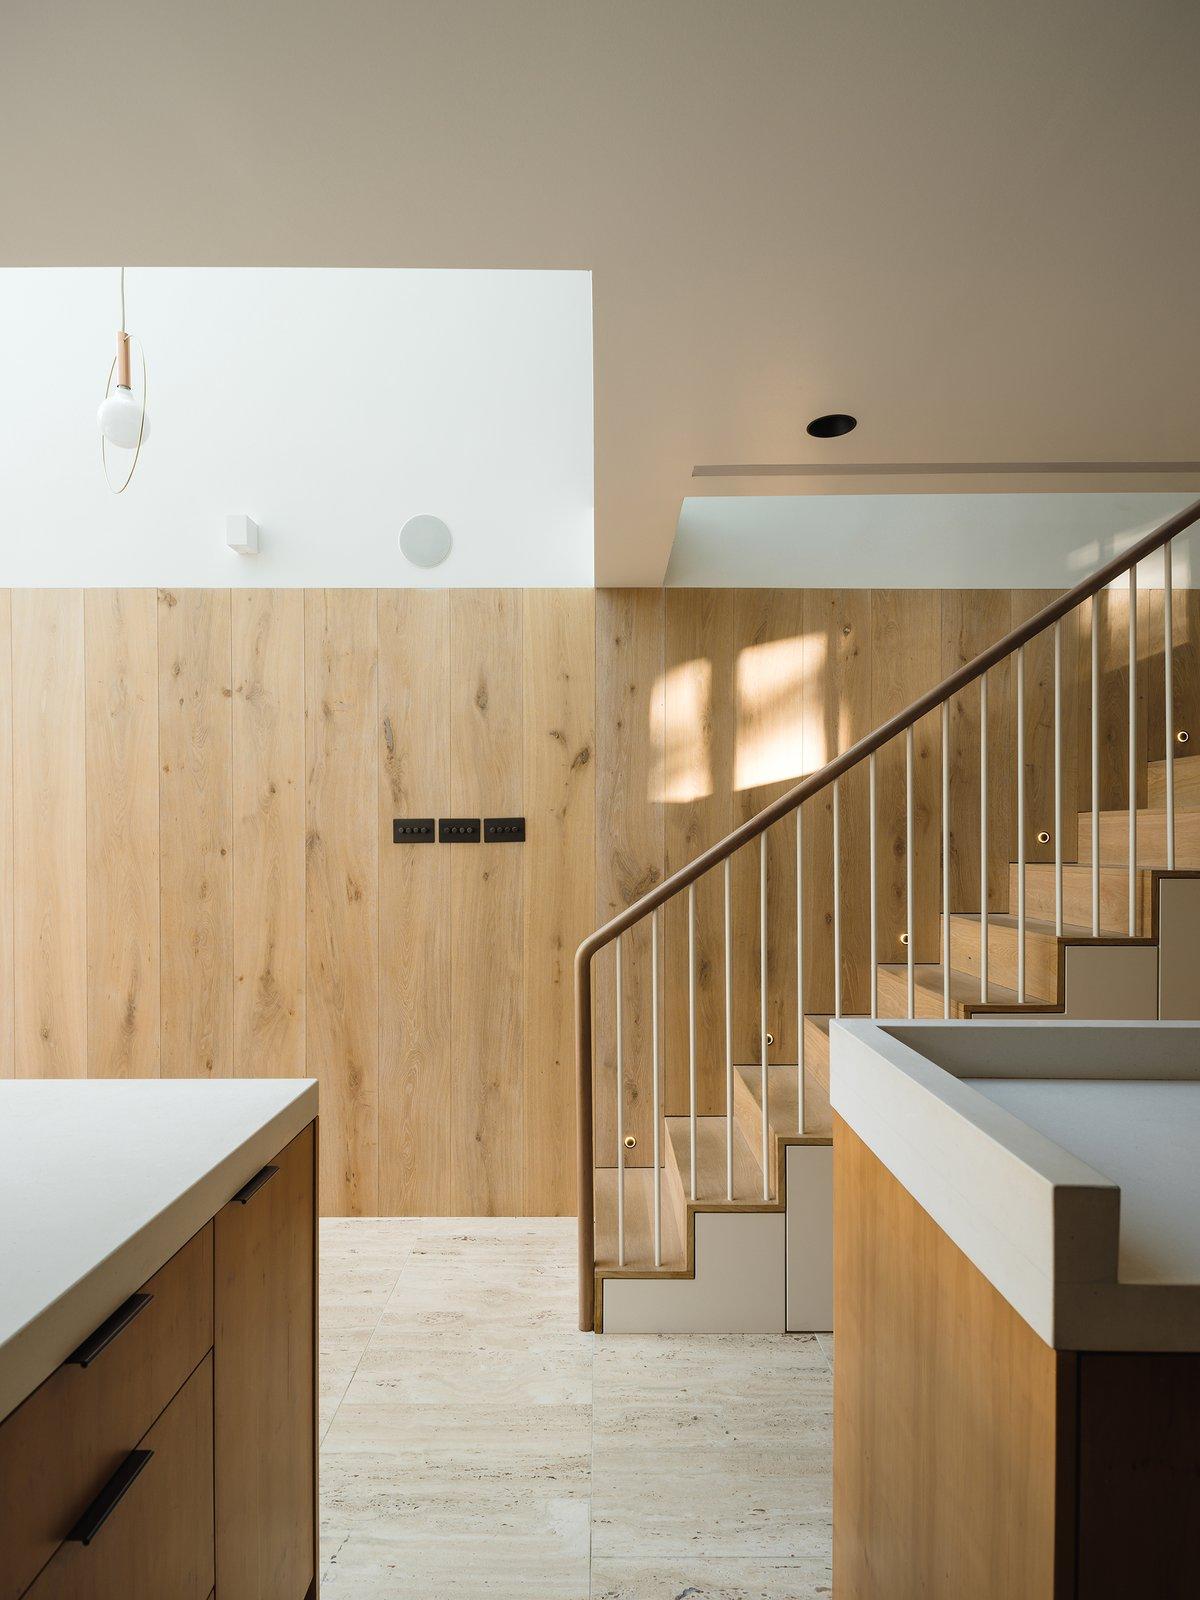 Dusheiko House by Neil Dusheiko Architects staircase